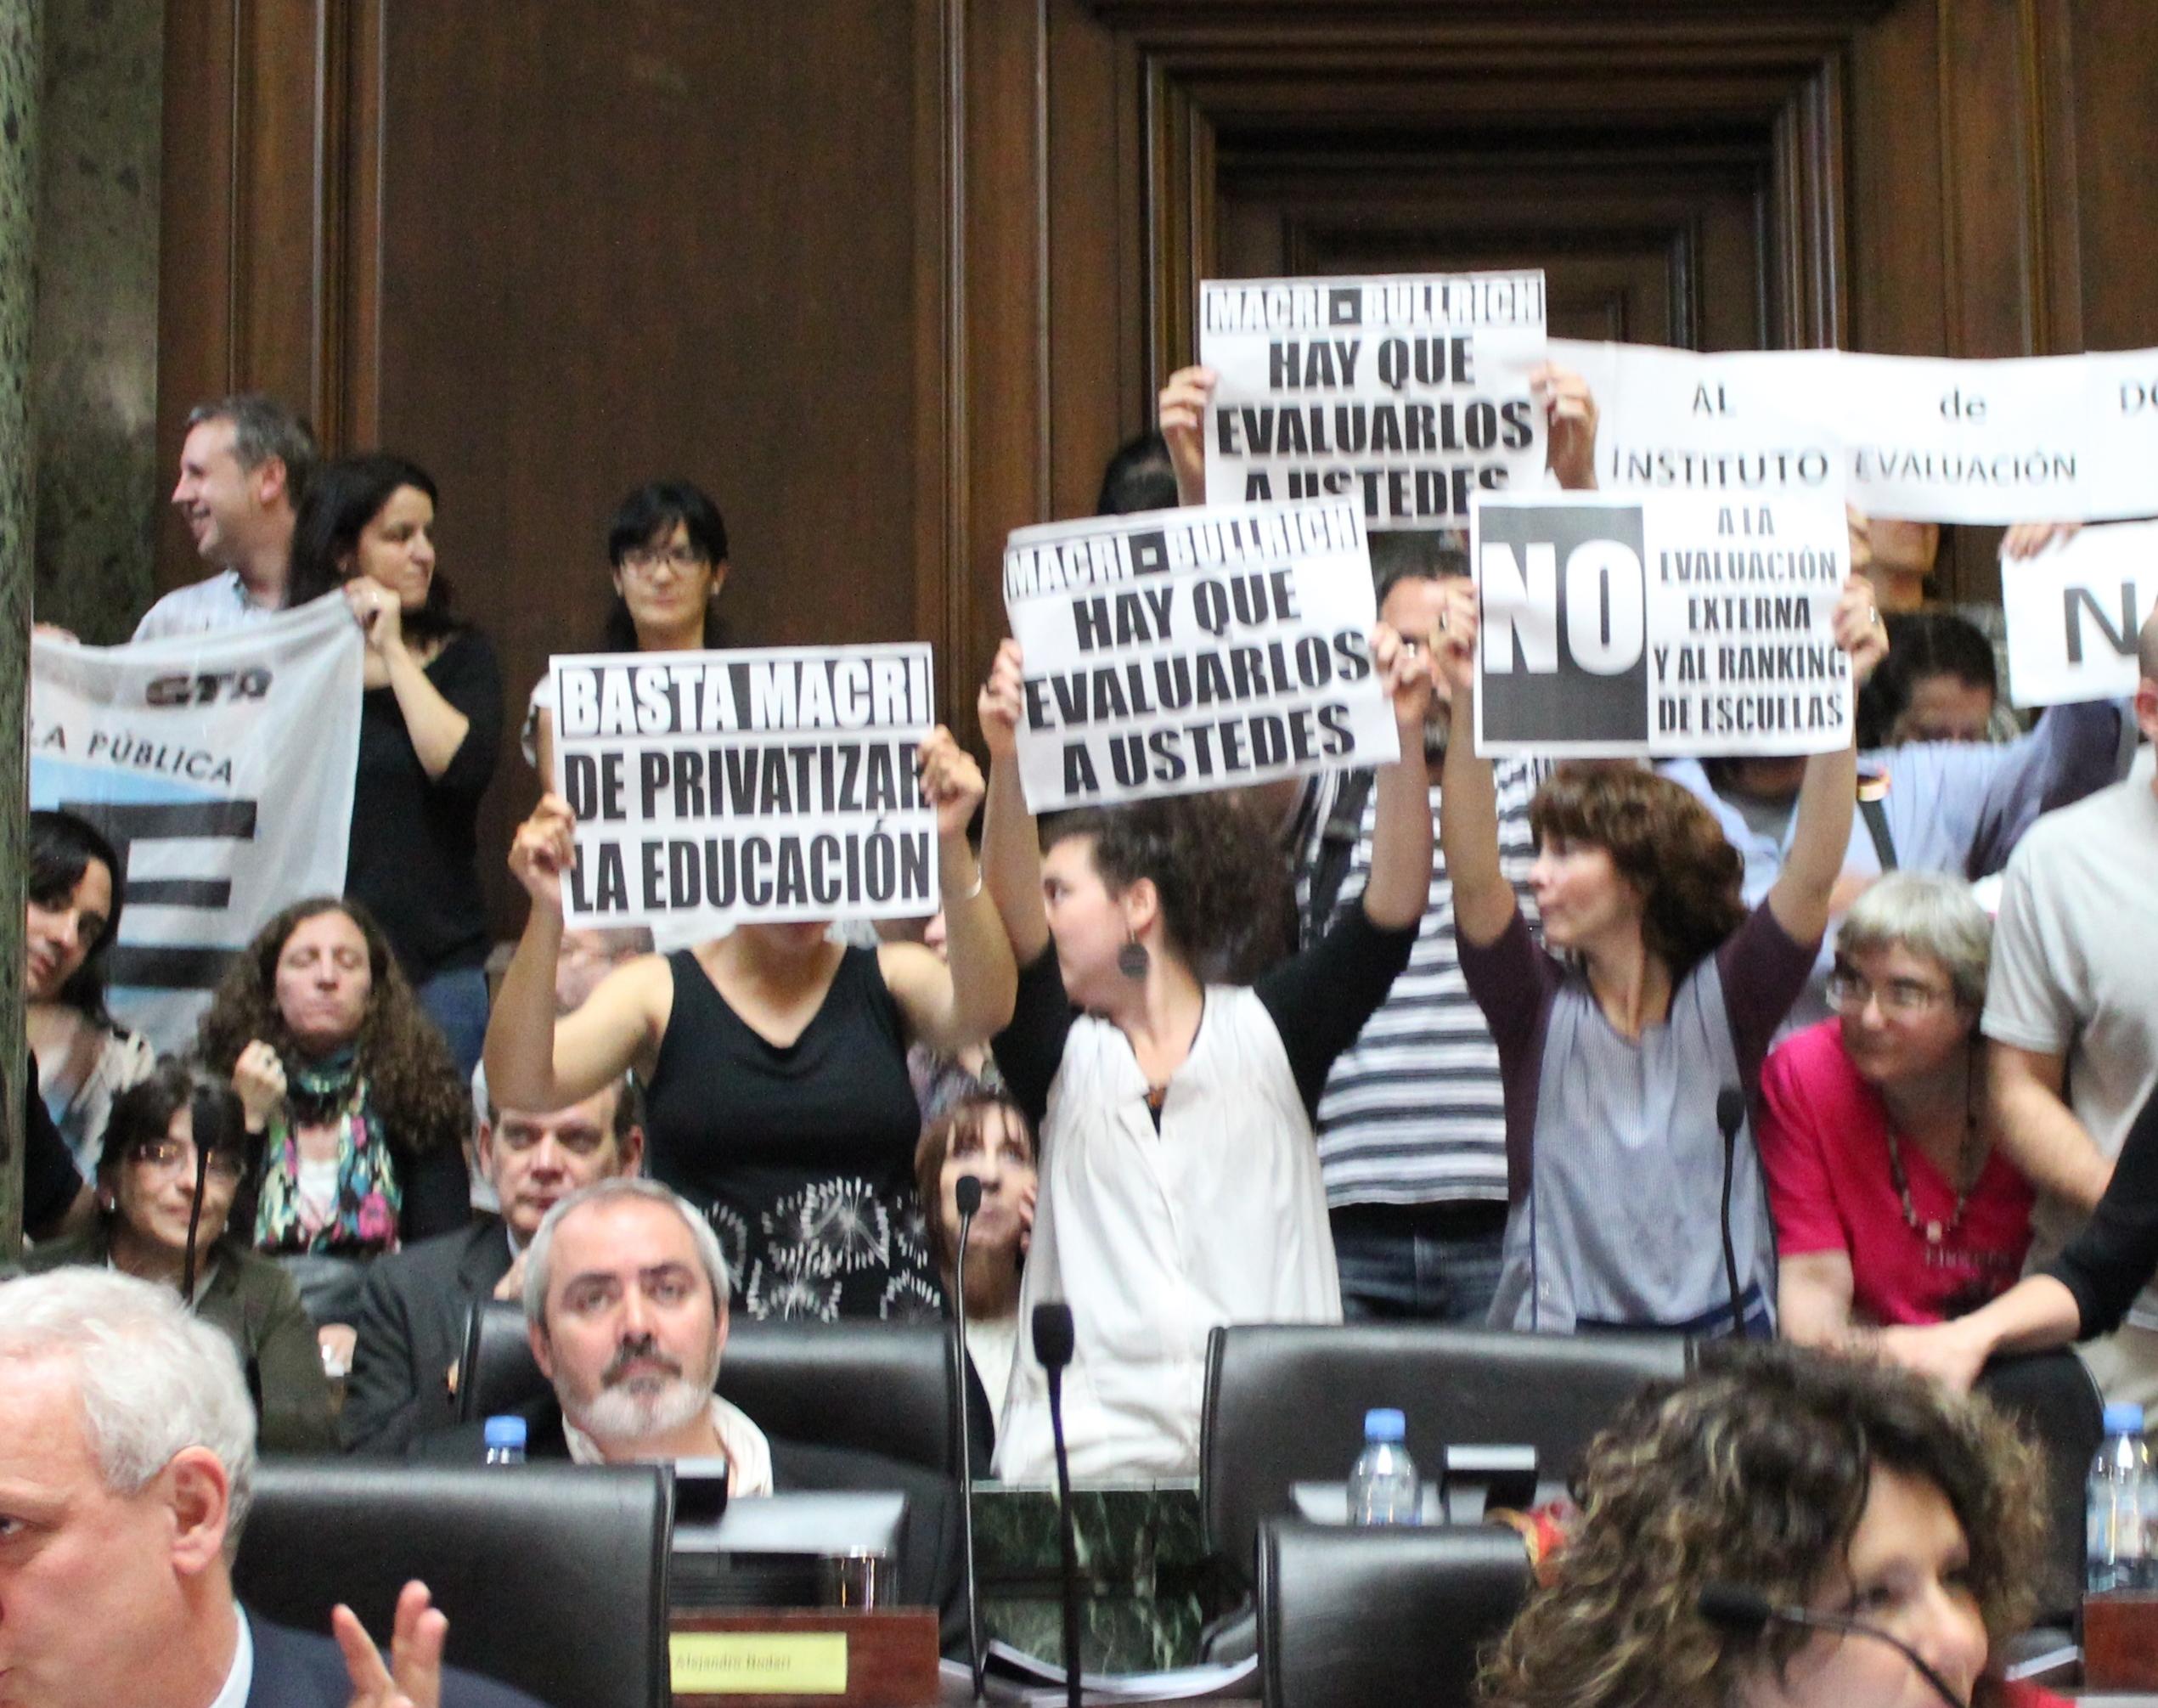 En la legislatura porte a hoy el pro unen y confianza p blica aprobaron una ley de evaluaci n educativa el diputado alejandro bodart mst nueva izquierda